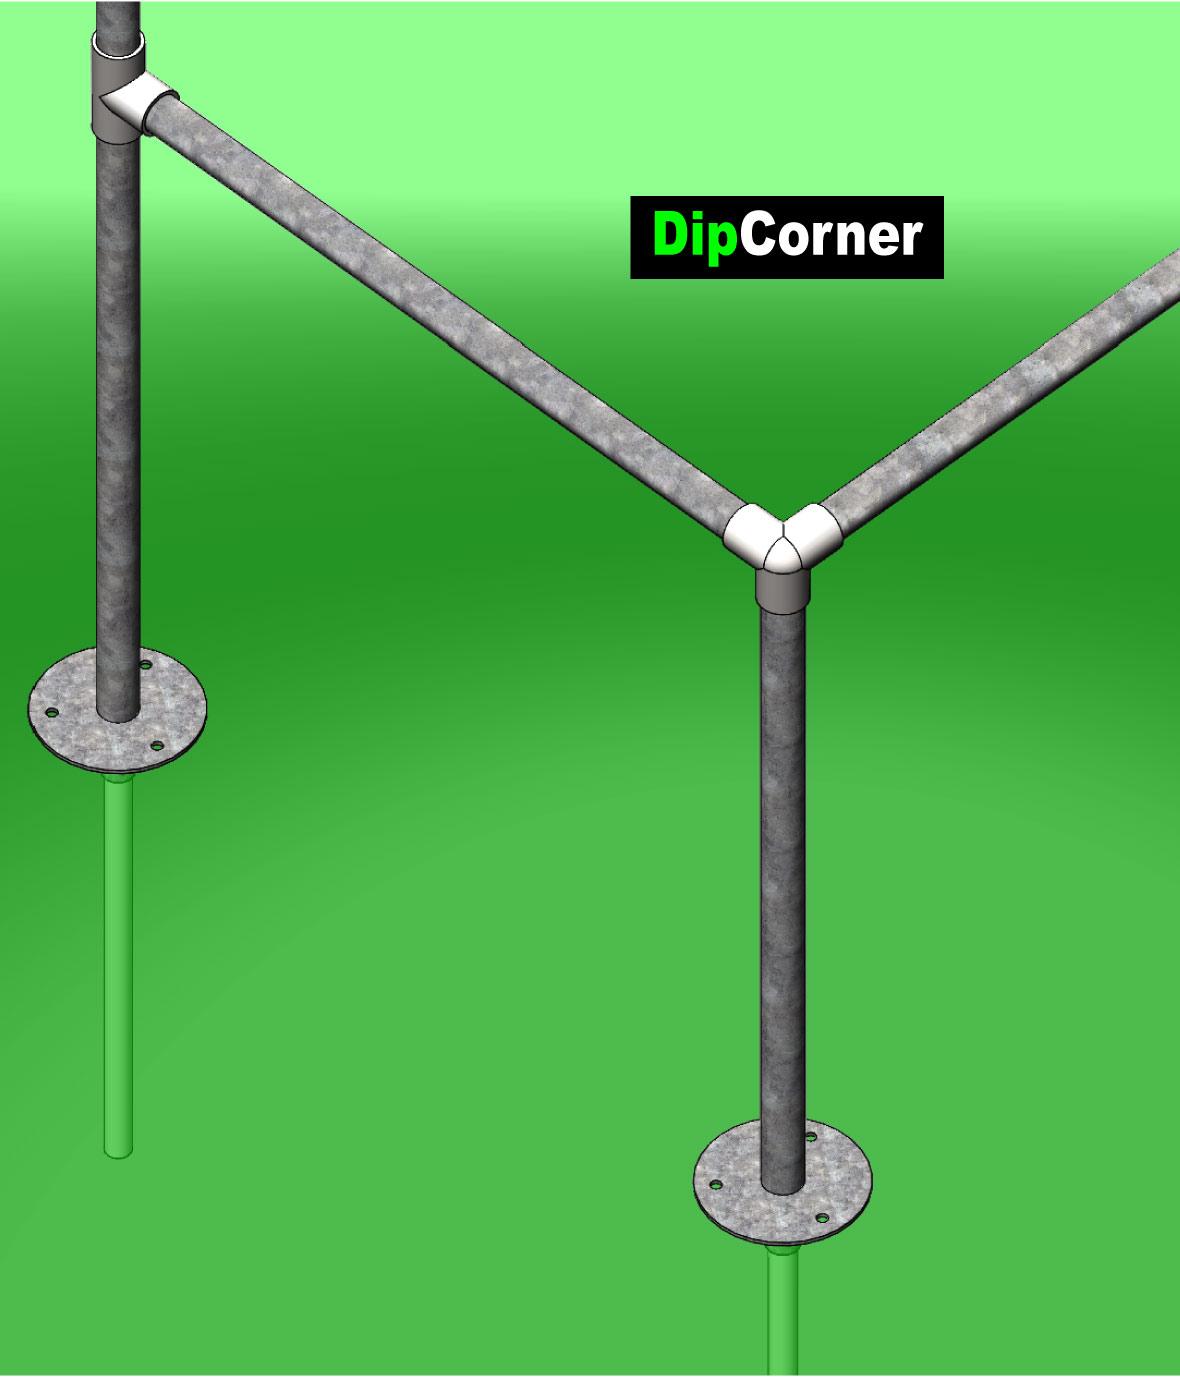 dip corner street workout